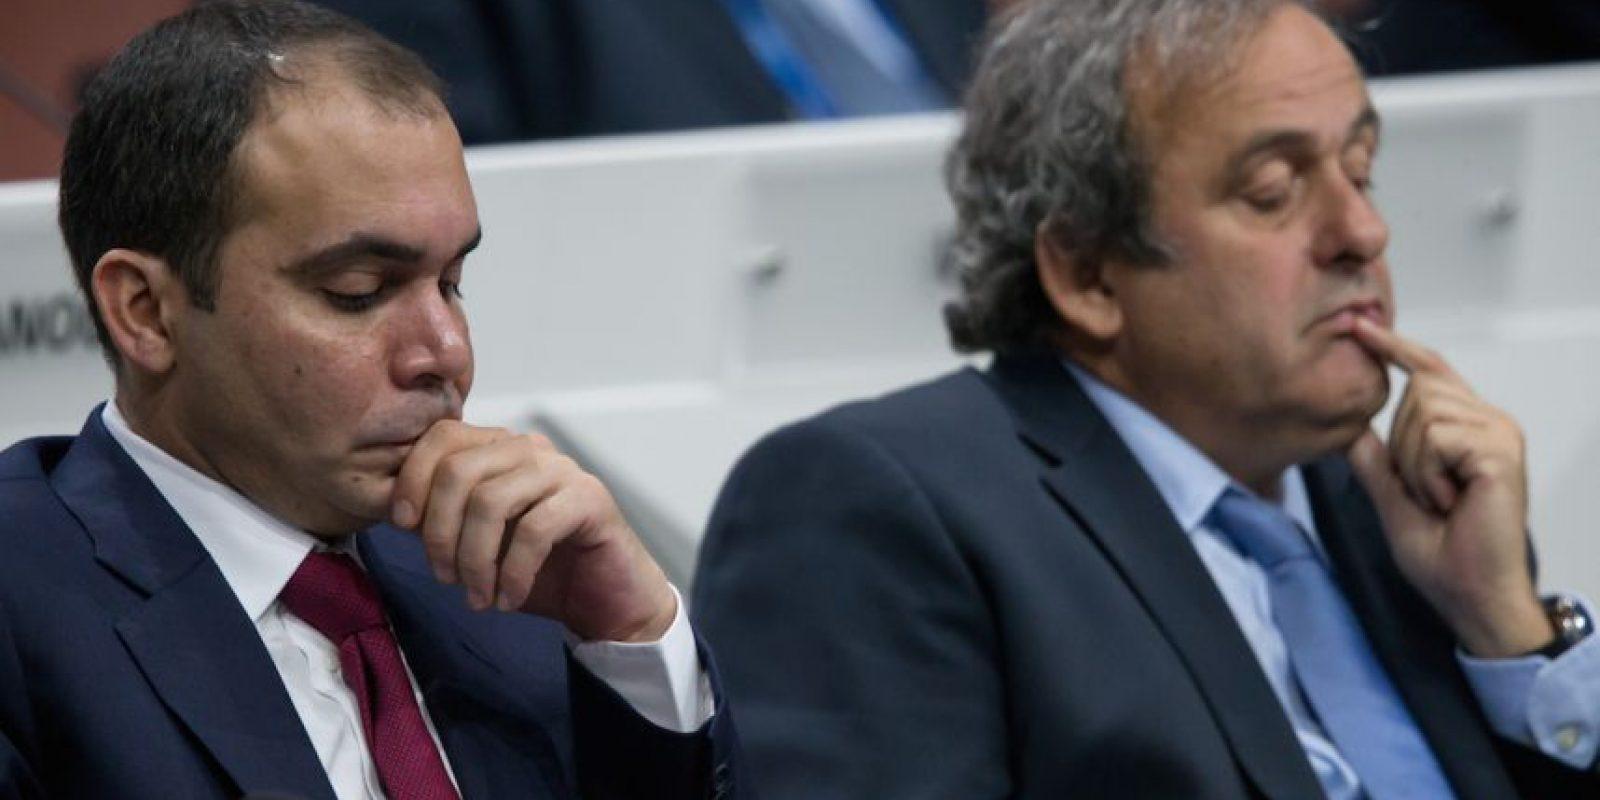 Después de conocerse la reelección de Blatter, Platini insinuó que la UEFA podría separarse de la FIFA. Esto se discutirá en una reunión en Berlín el próximo mes de junio. Foto:Getty Images